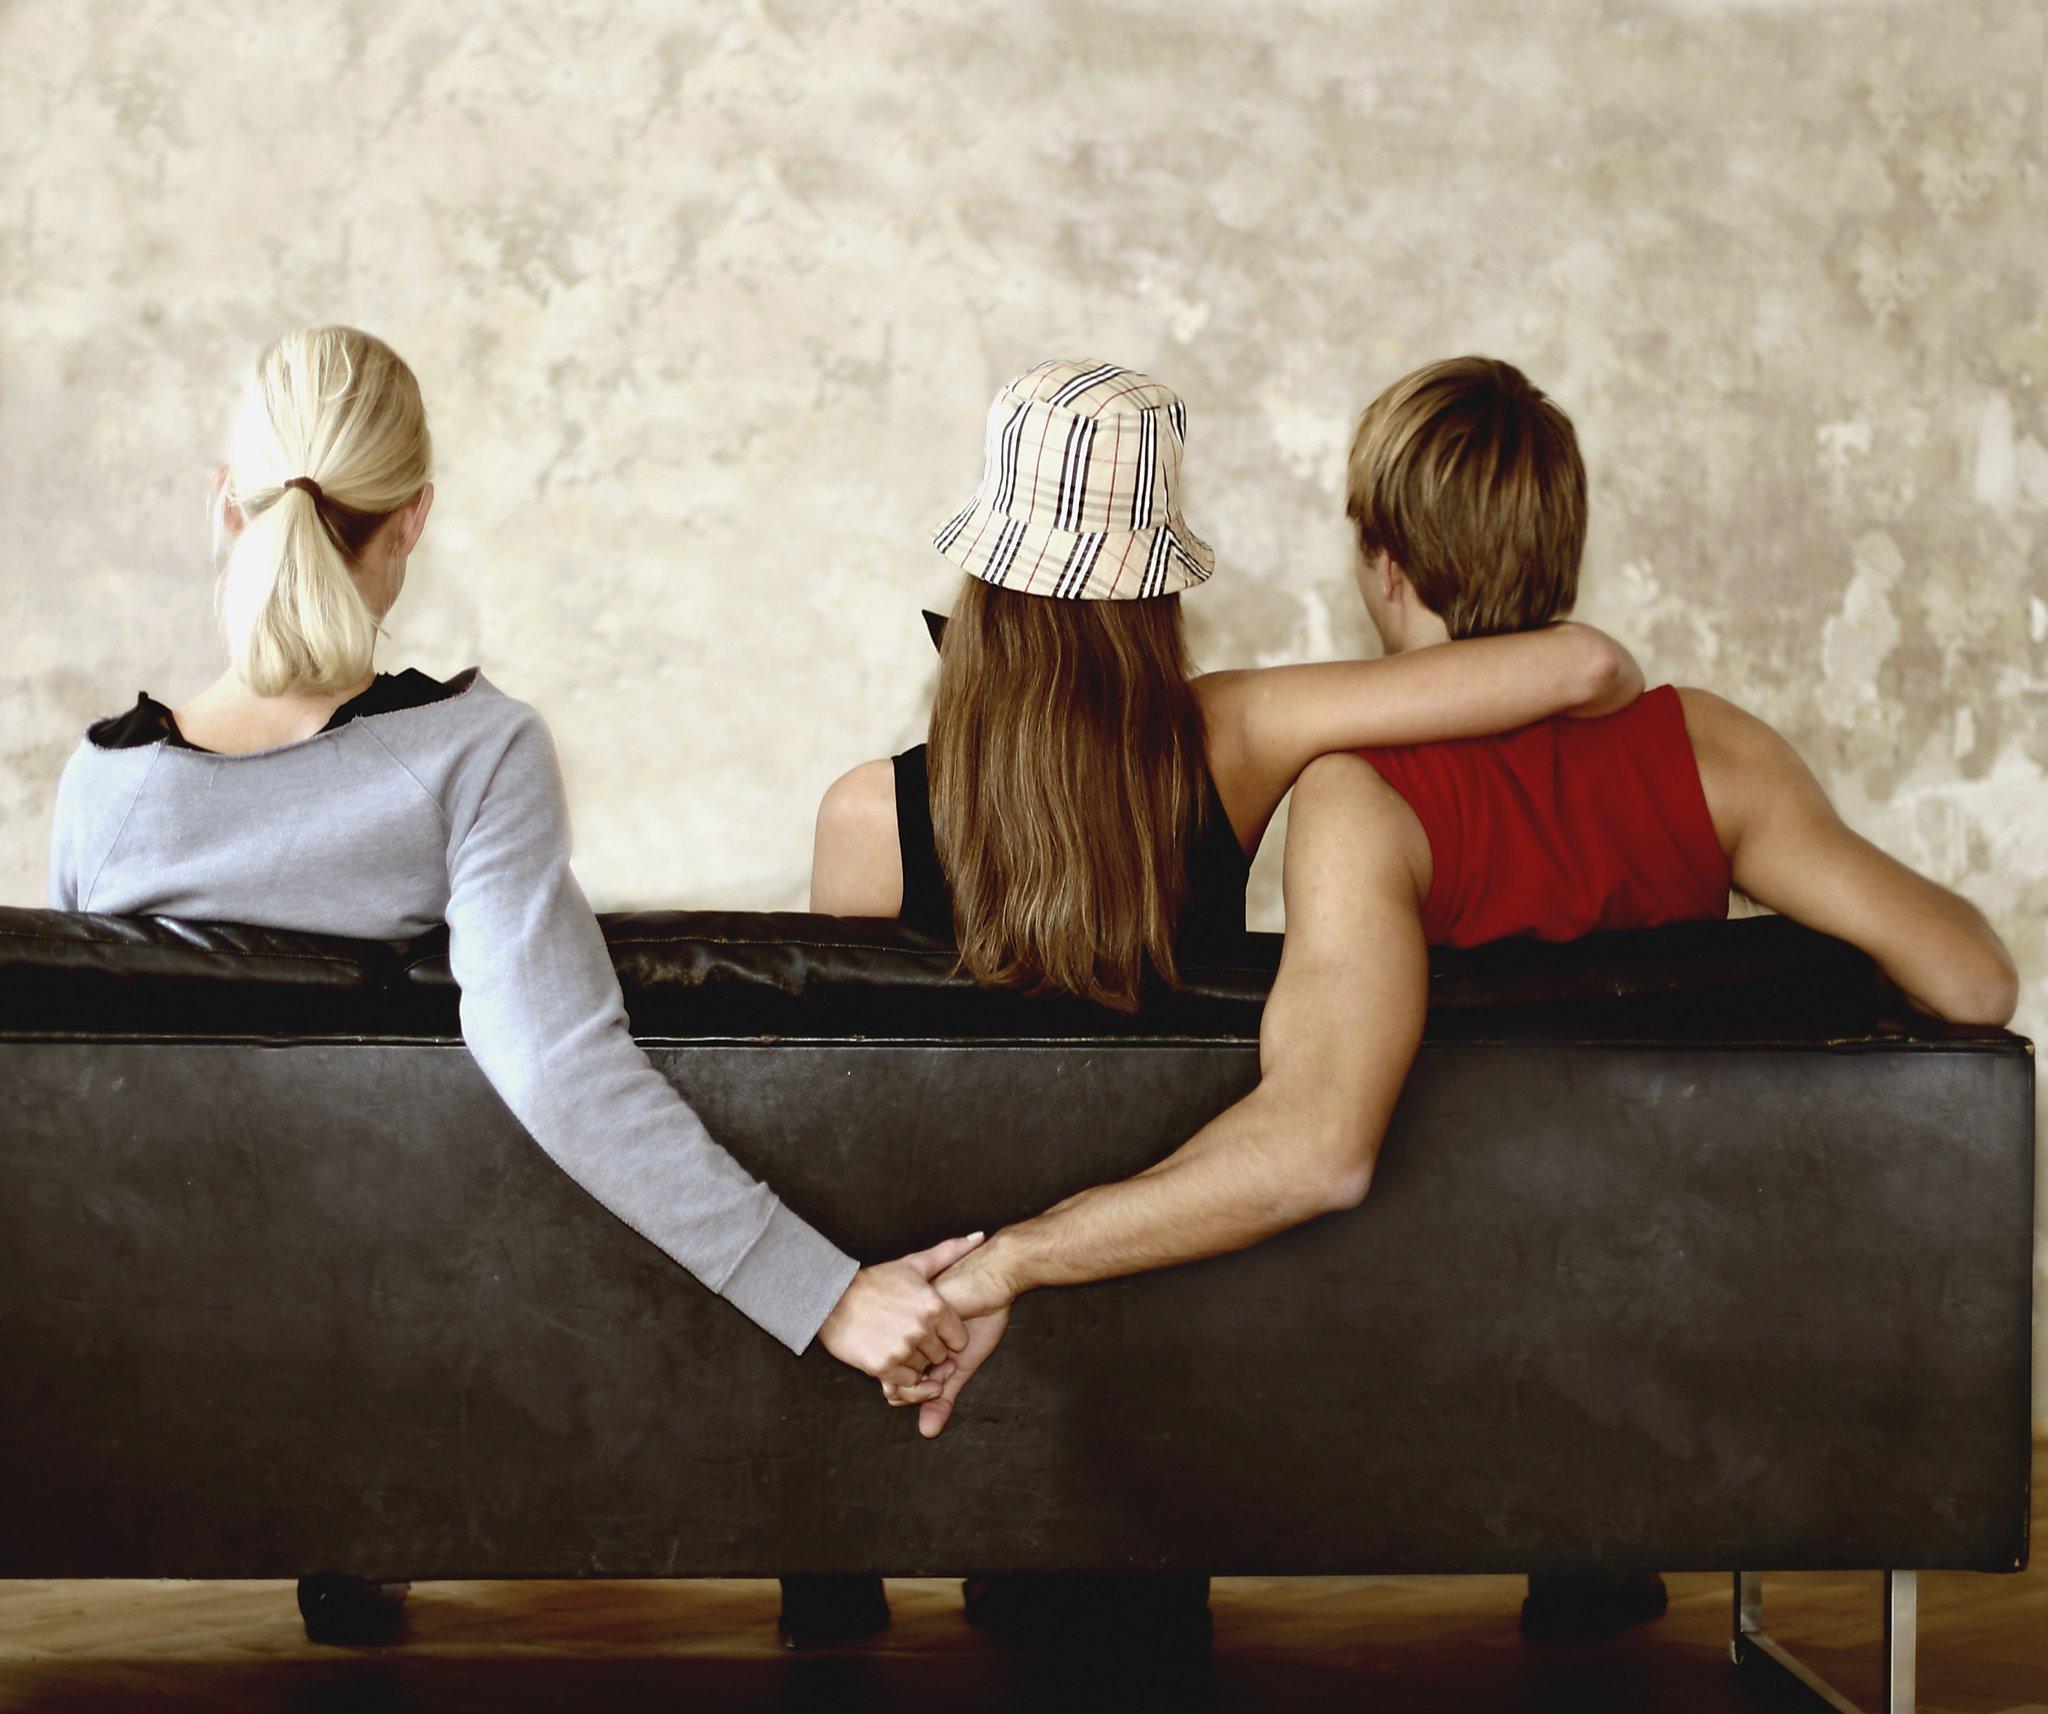 Читать рассказ о девочках лизбиянках 6 фотография